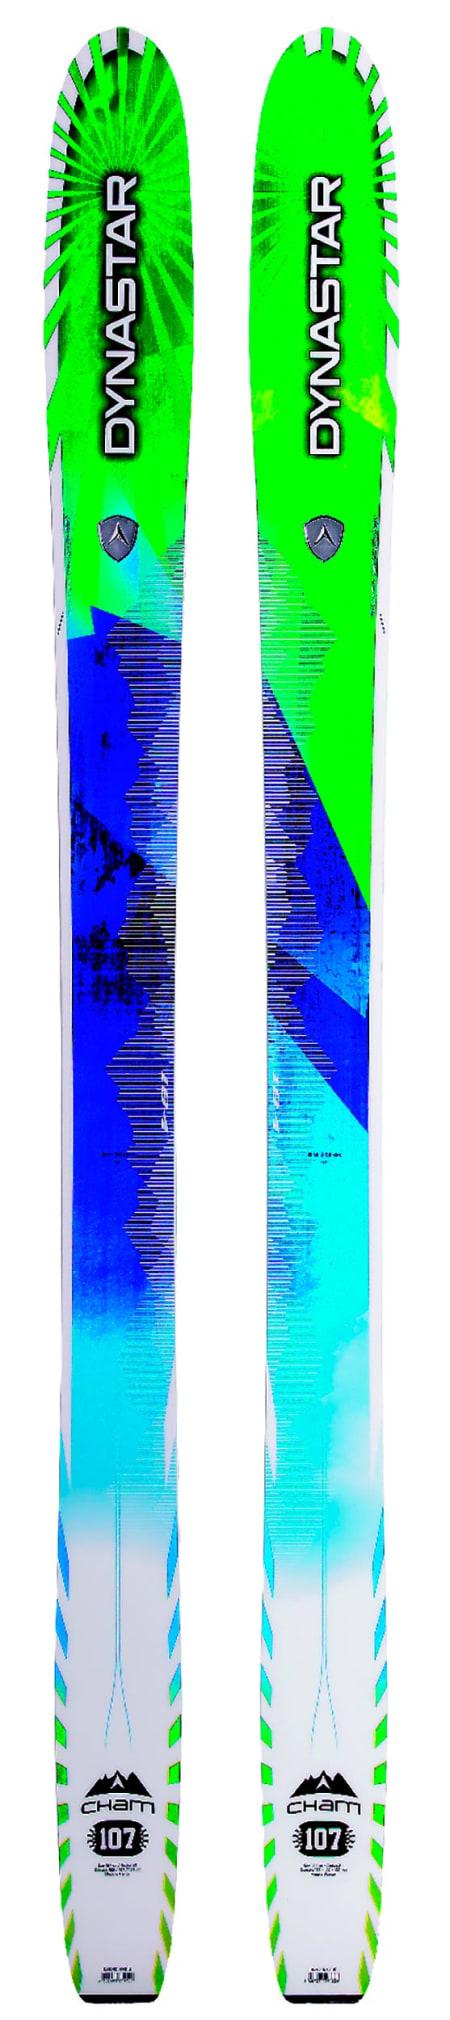 Dynastar Cham 107